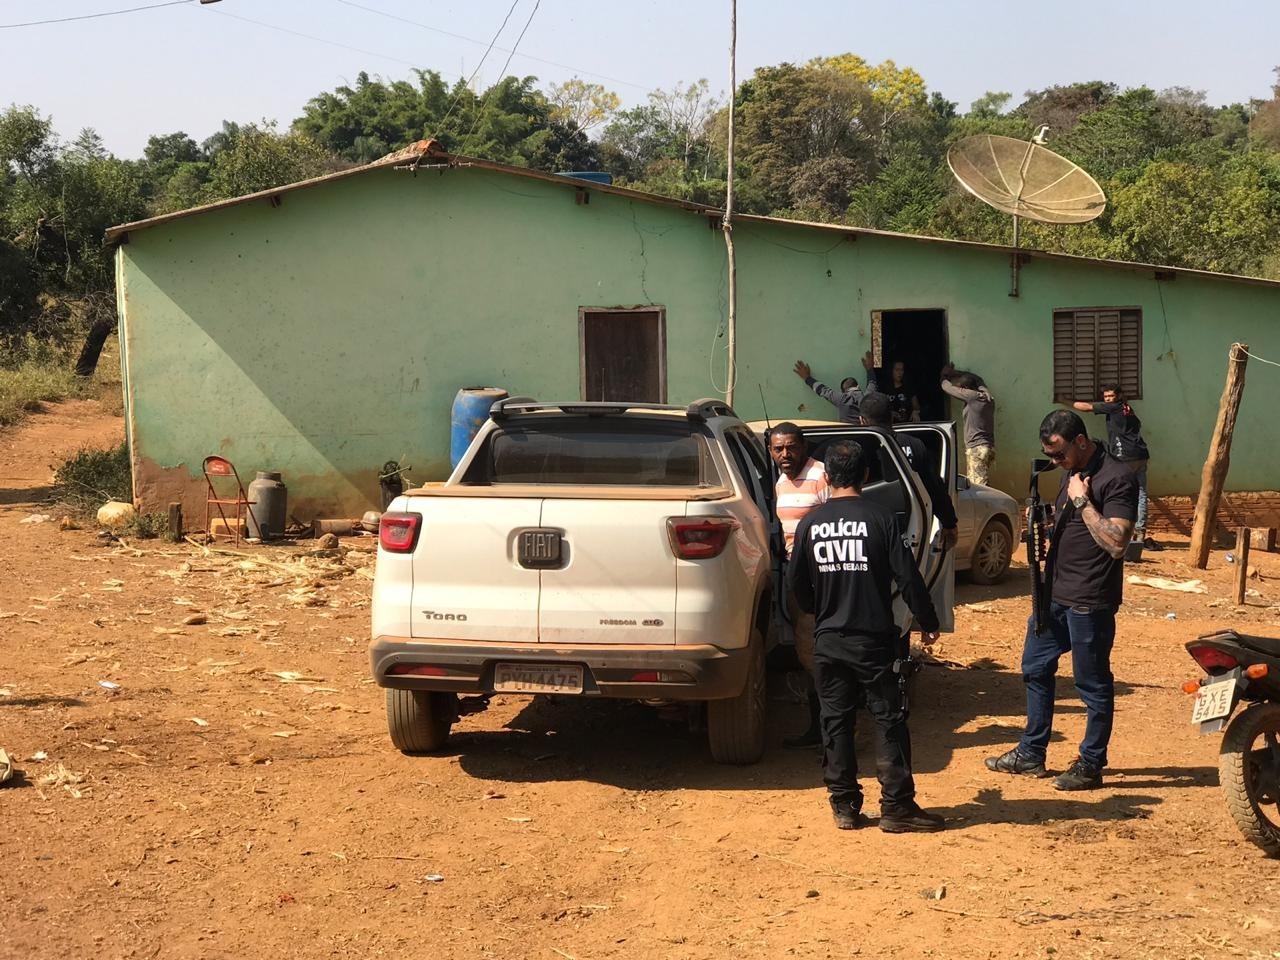 Inquérito que investiga presos durante a operação 'Free Boi' em Rio Paranaíba é concluído pela Polícia Civil - Notícias - Plantão Diário